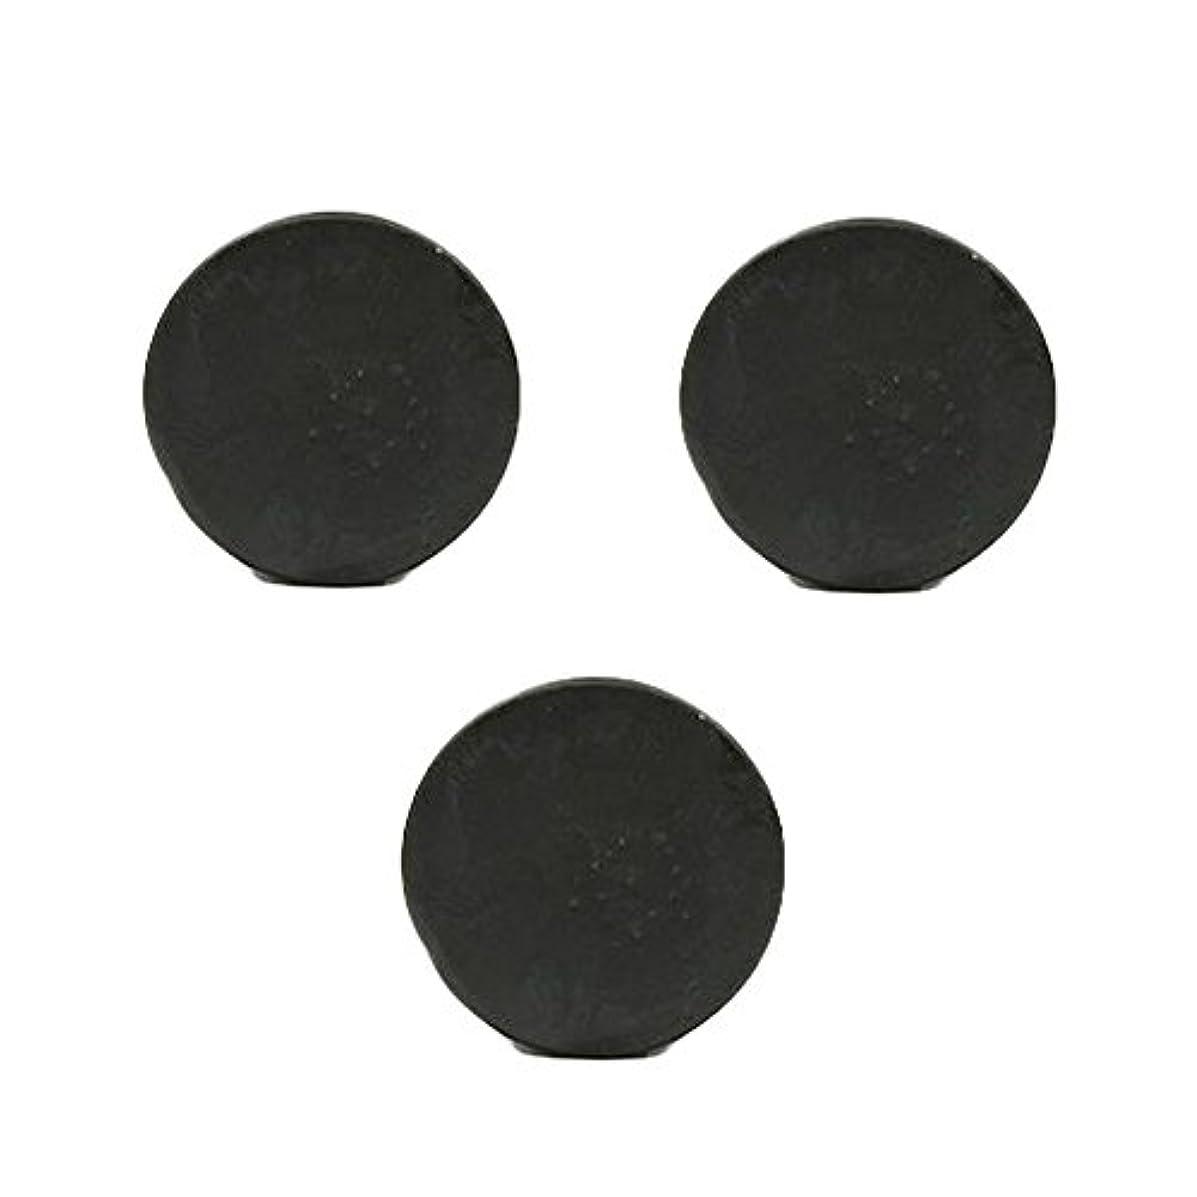 グラム予感オプショナル薬用人参クレンジングソープ3個 / Fermented Dark Black Ginseng Cleansing Soap 3pcs[海外直送品] [並行輸入品]